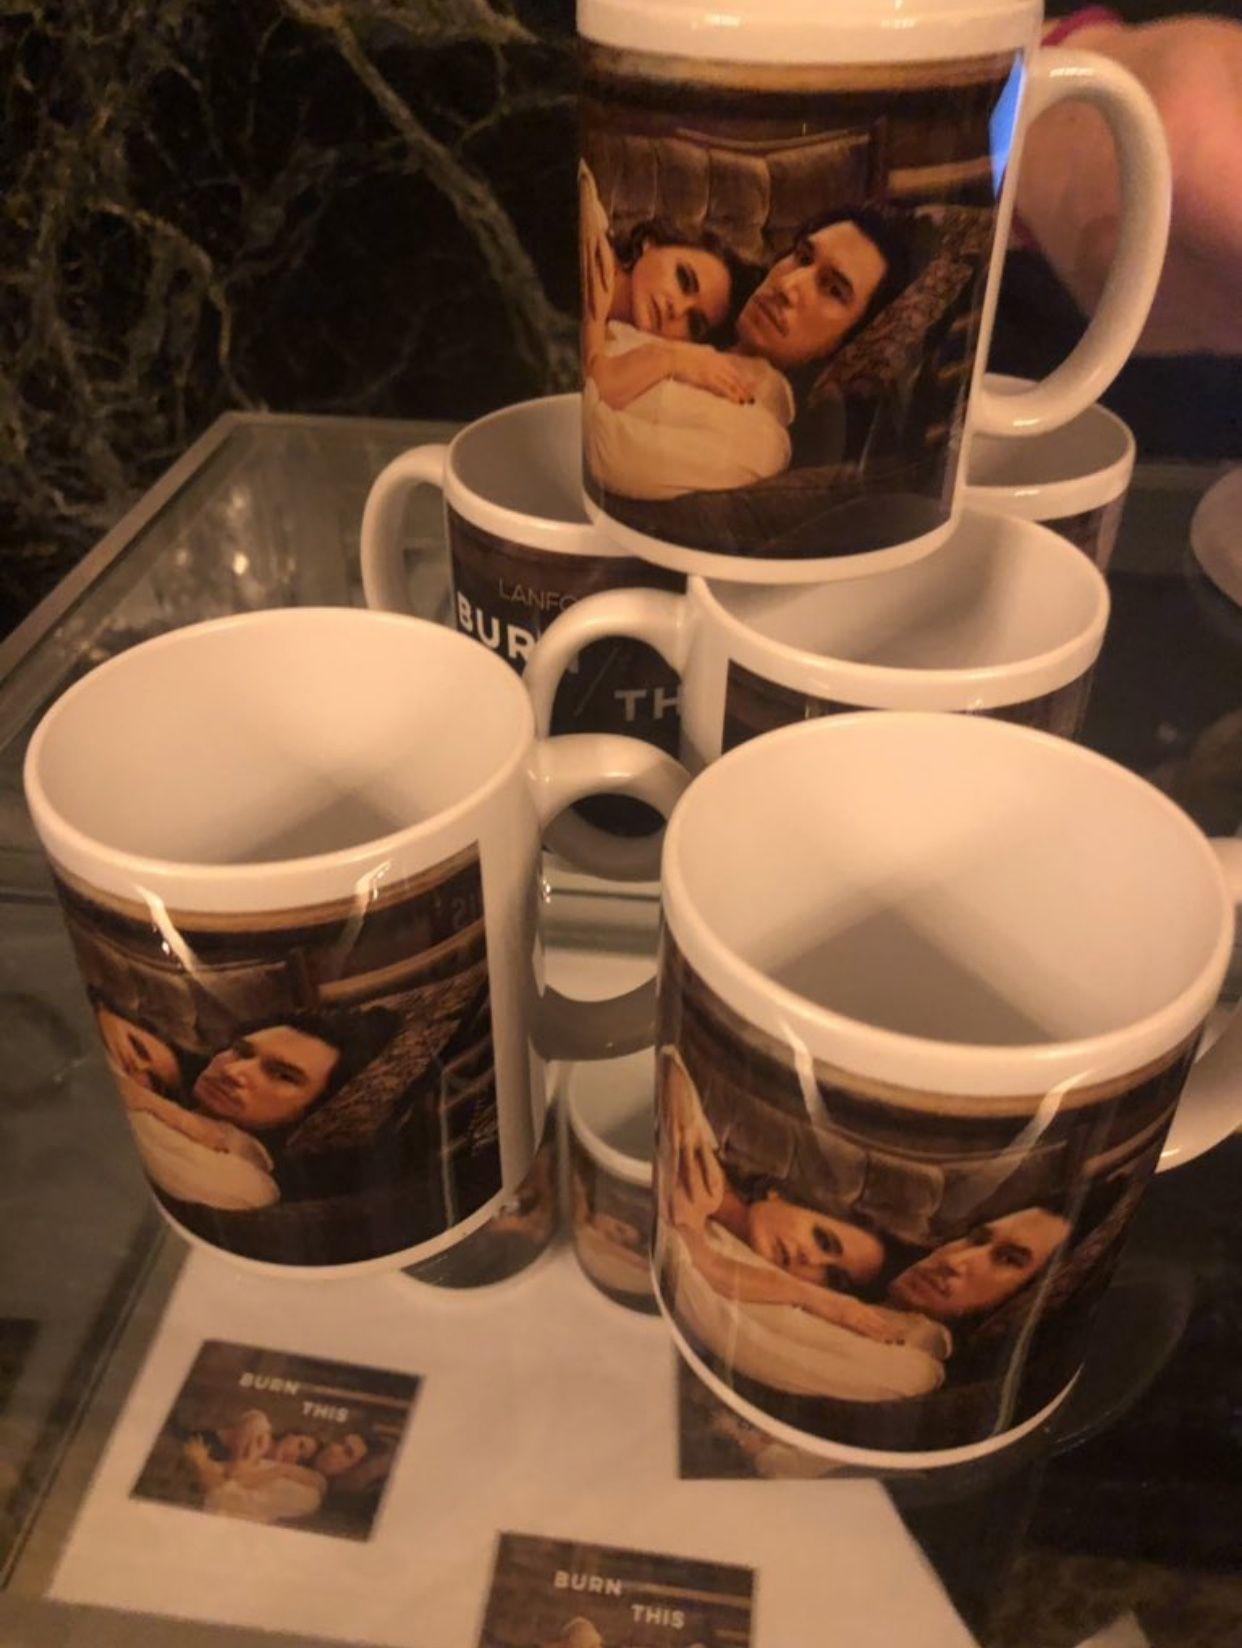 Adam driver burn this mugs 15mar2019 theyre 25 each